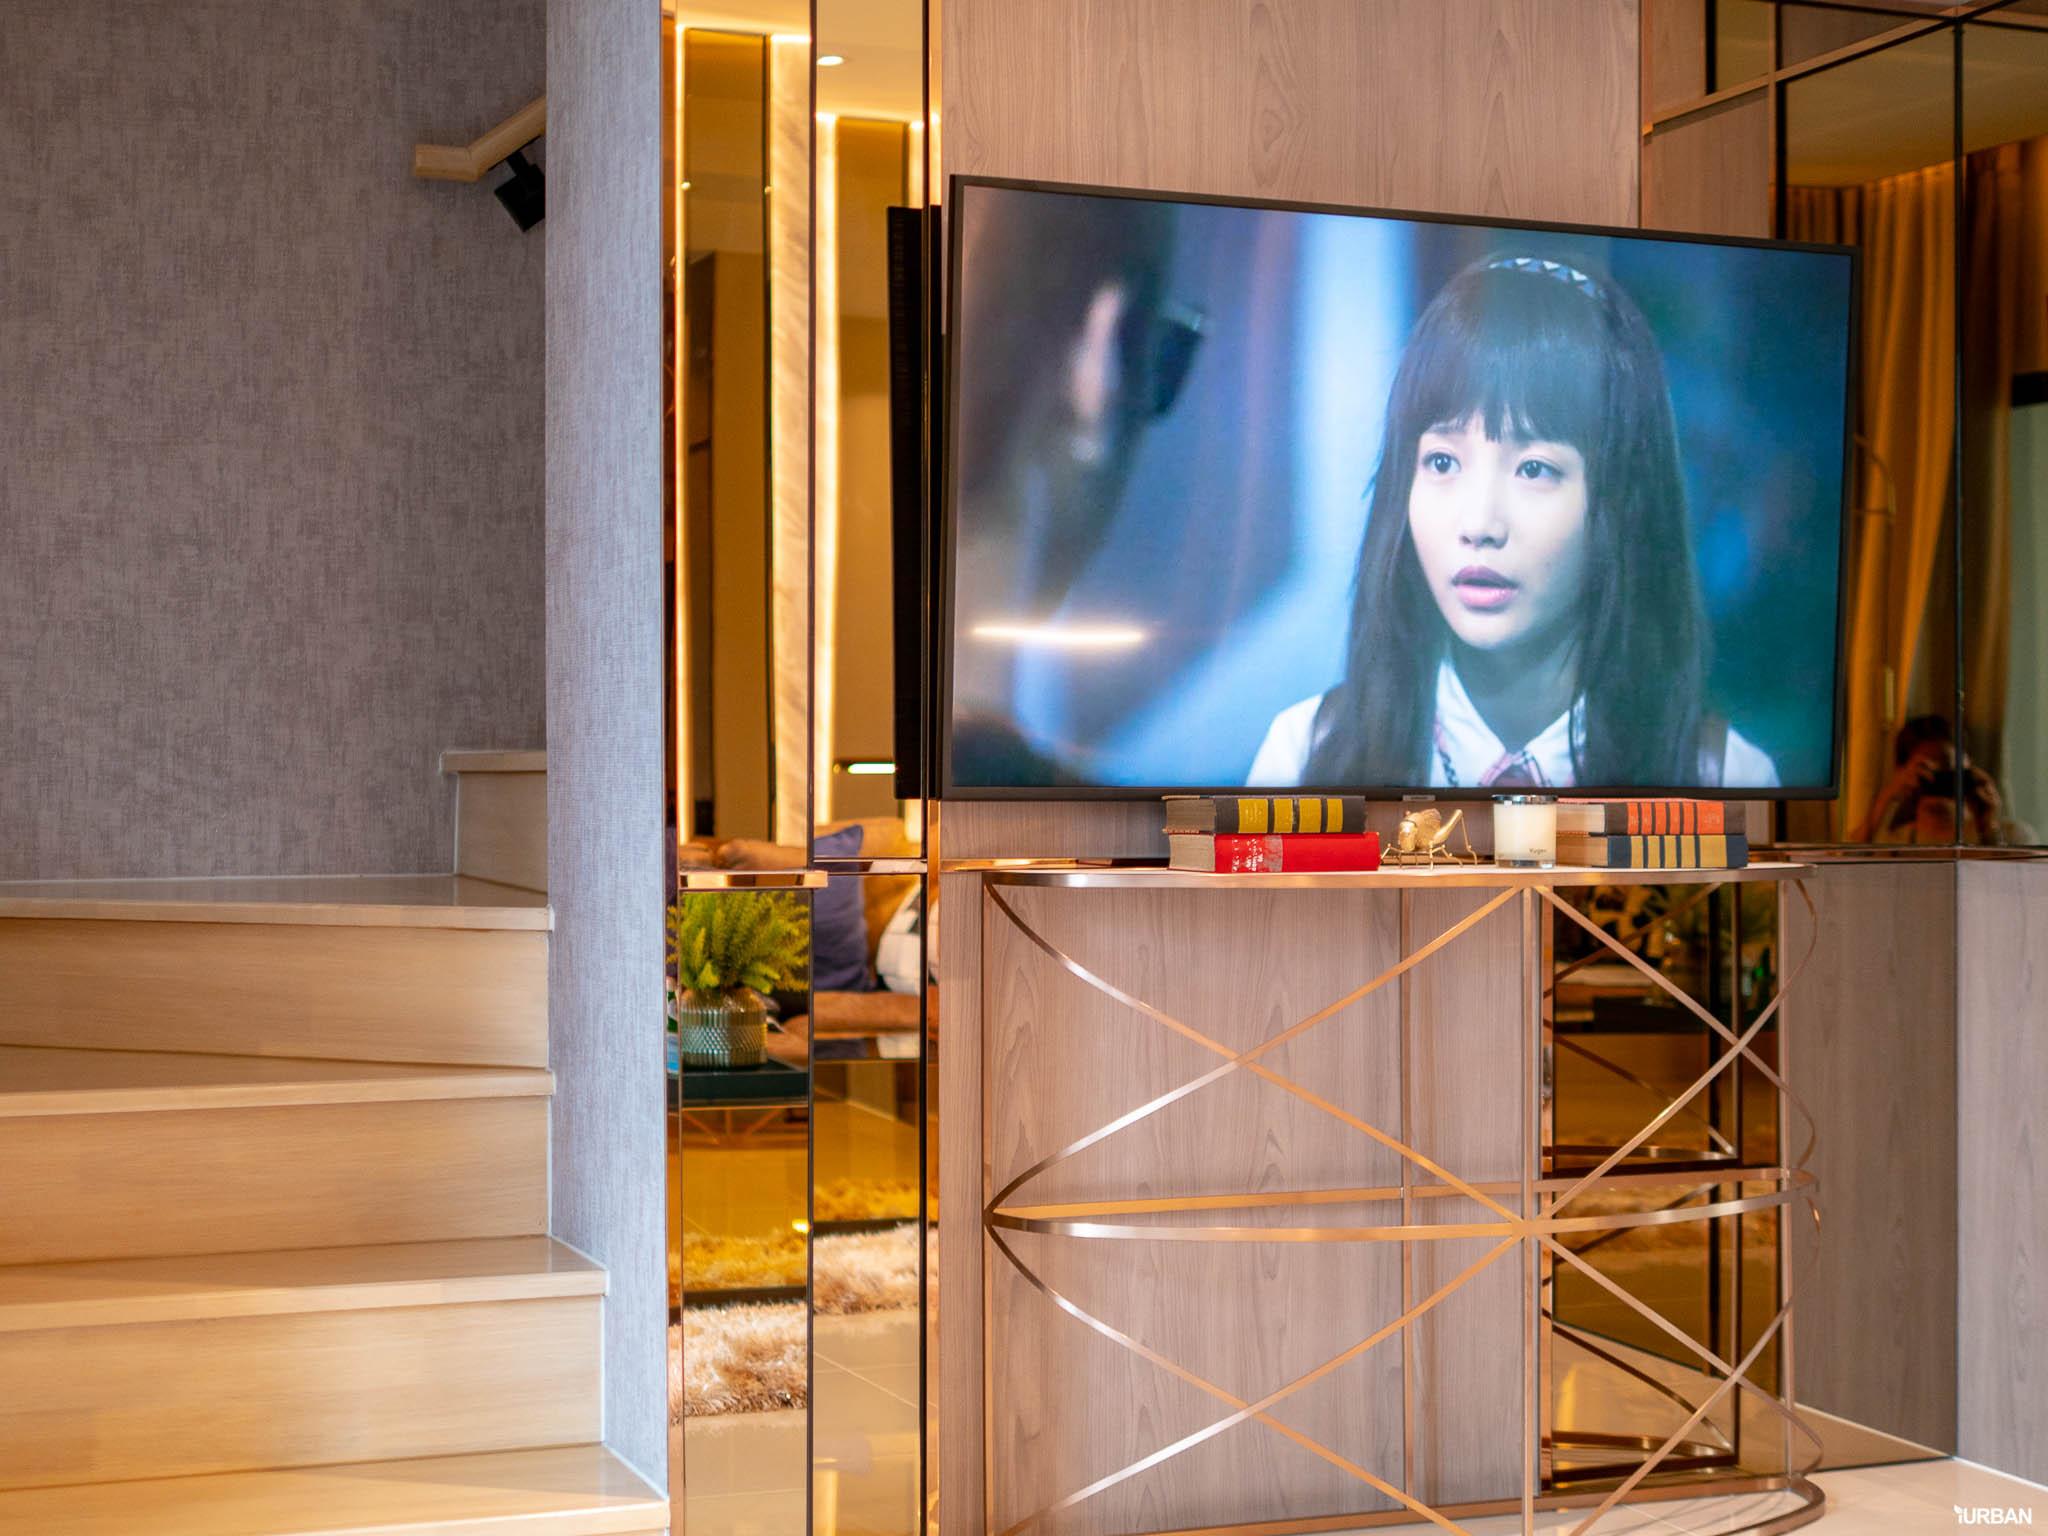 รีวิว URBANIO วิภาวดี-แจ้งวัฒนะ พรีเมียมทาวน์โฮม 3 ชั้นสุดสวย ใกล้สถานี Interchange เริ่ม 5.59 ล้าน จาก Ananda 34 - Premium